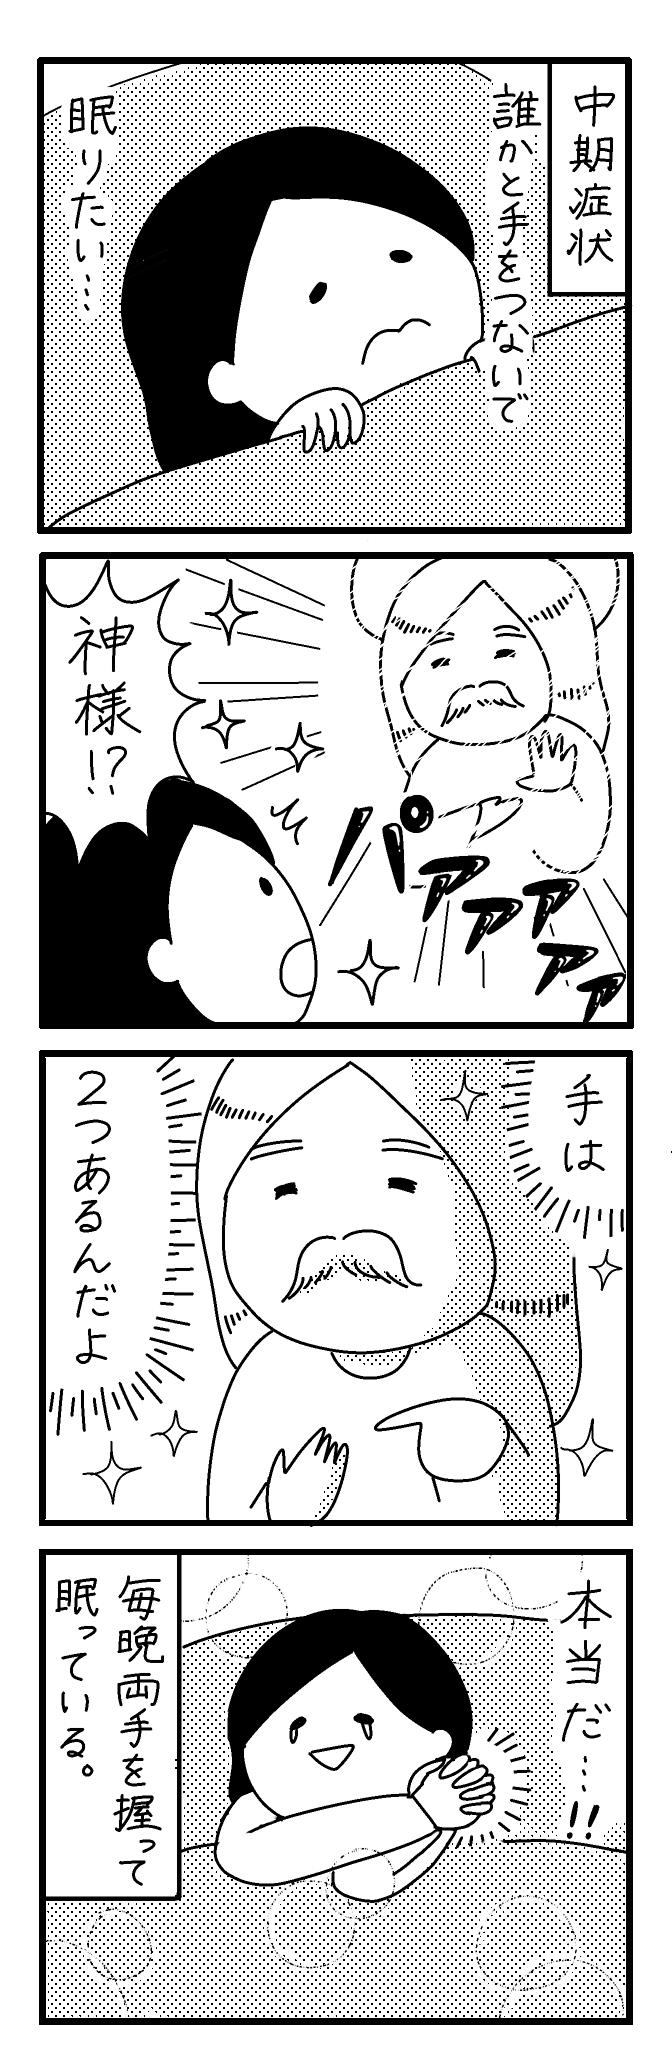 【4コマ漫画】第26回「ビクトリアな日々」作:ビクトリアブラディーヌ